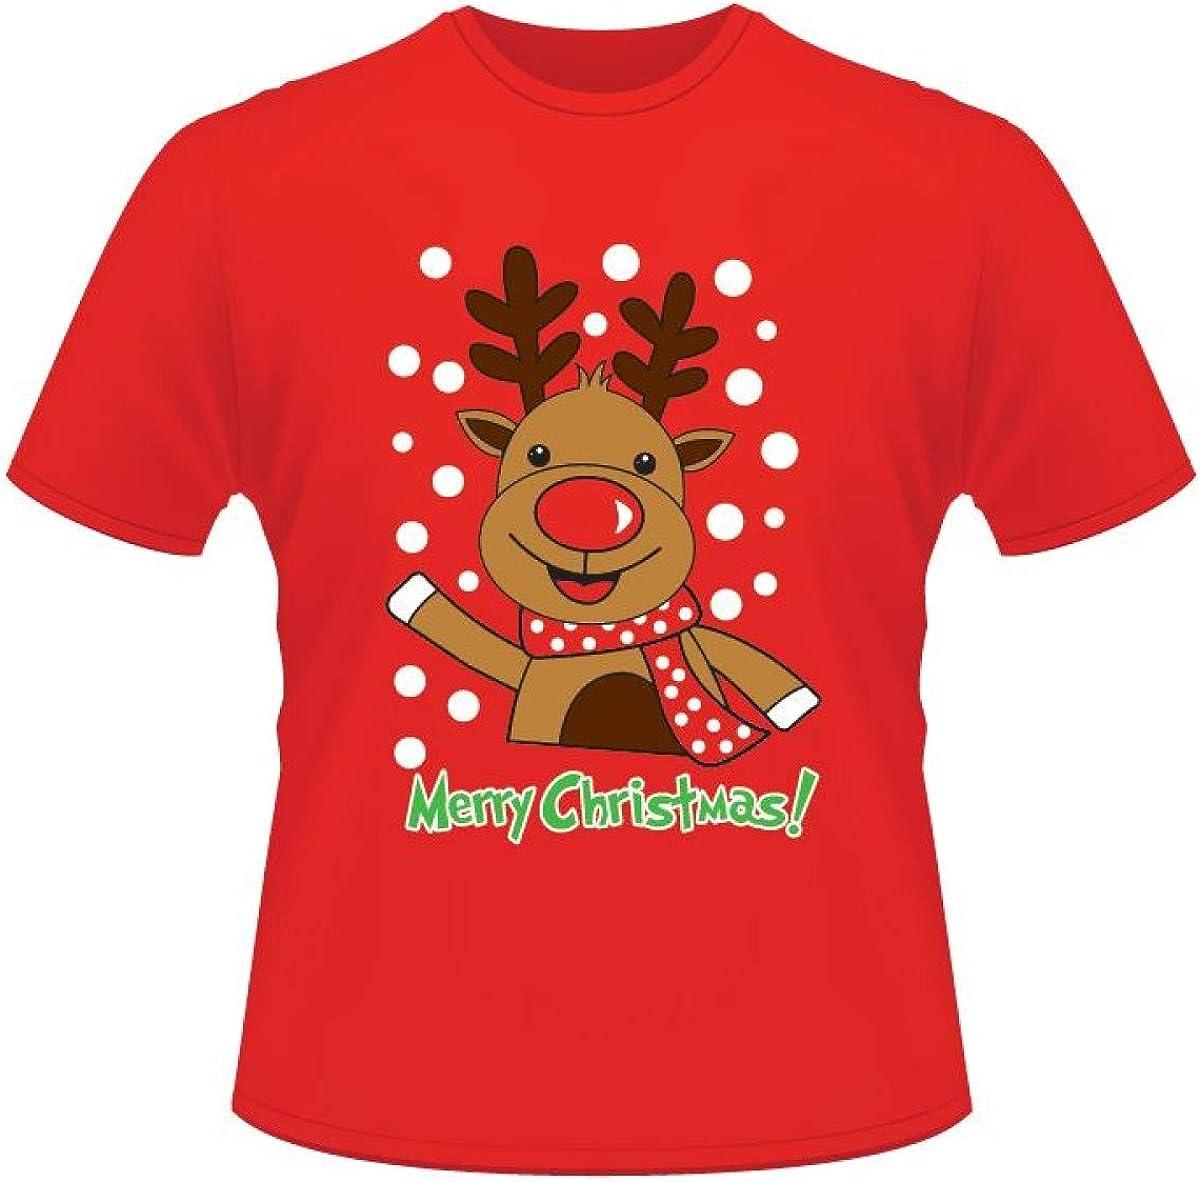 Be Jealous para Hombre de Navidad Pingüino Cuerno Muñeco de Nieve Copos de Nieve Santa Reno Jersey Redondo Camiseta Cuello Redondo